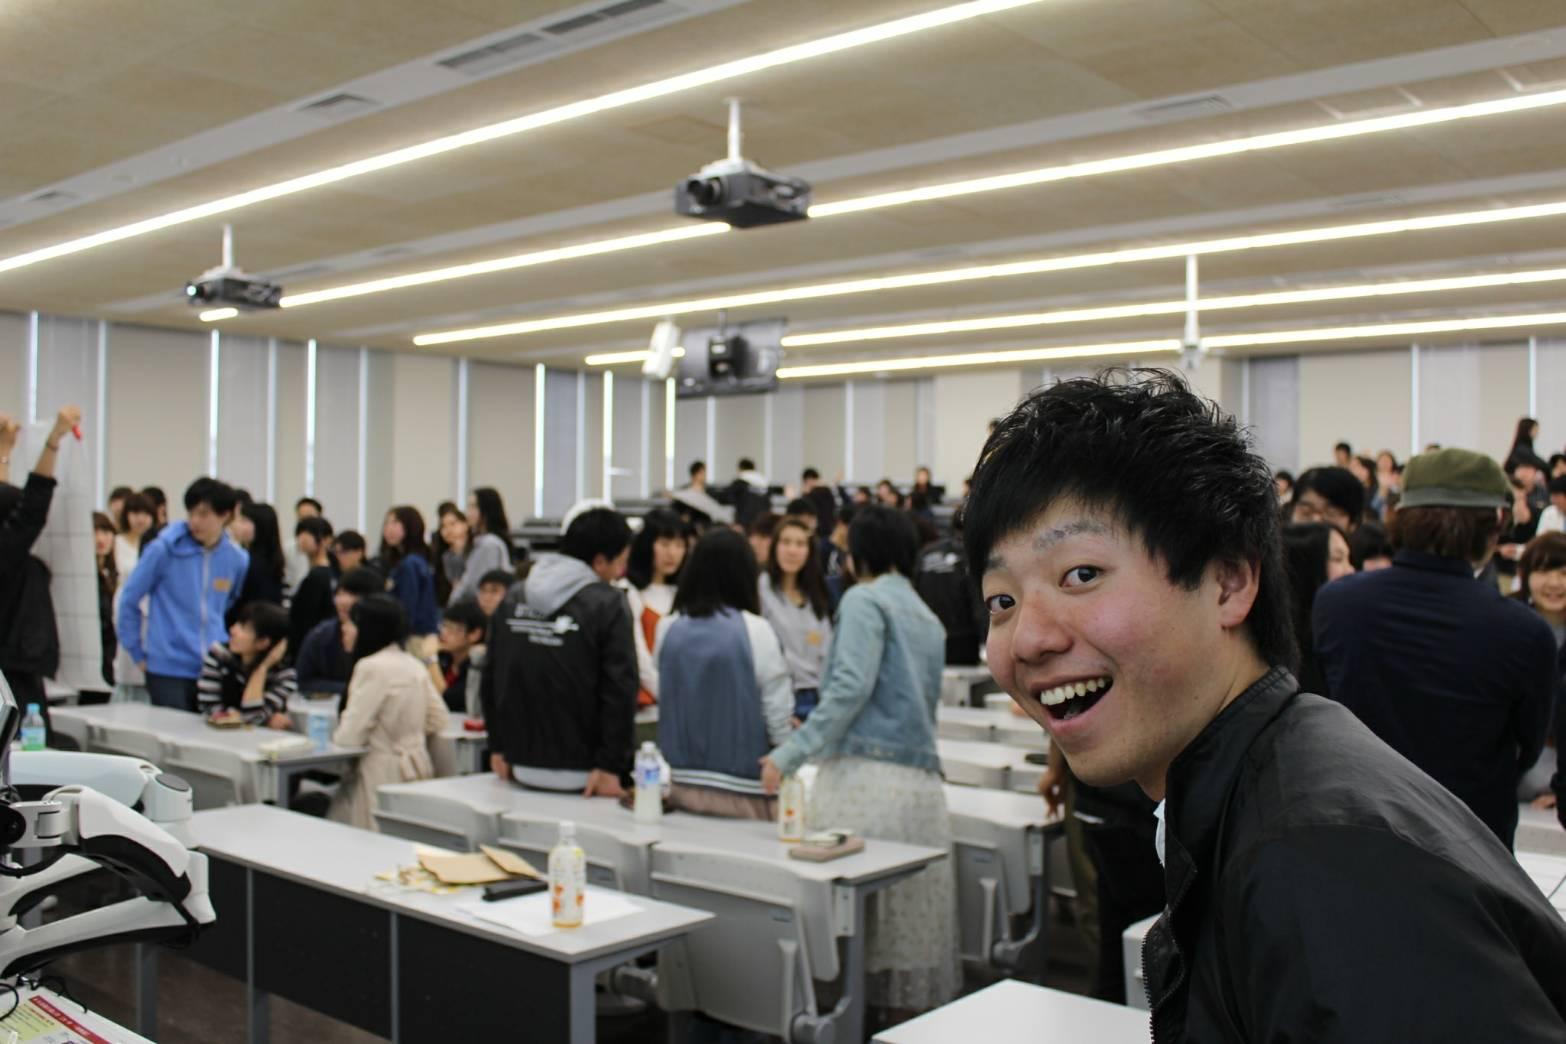 総合心理学部オリター団 立命館大学大阪いばらきキャンパス OIC 茨木市